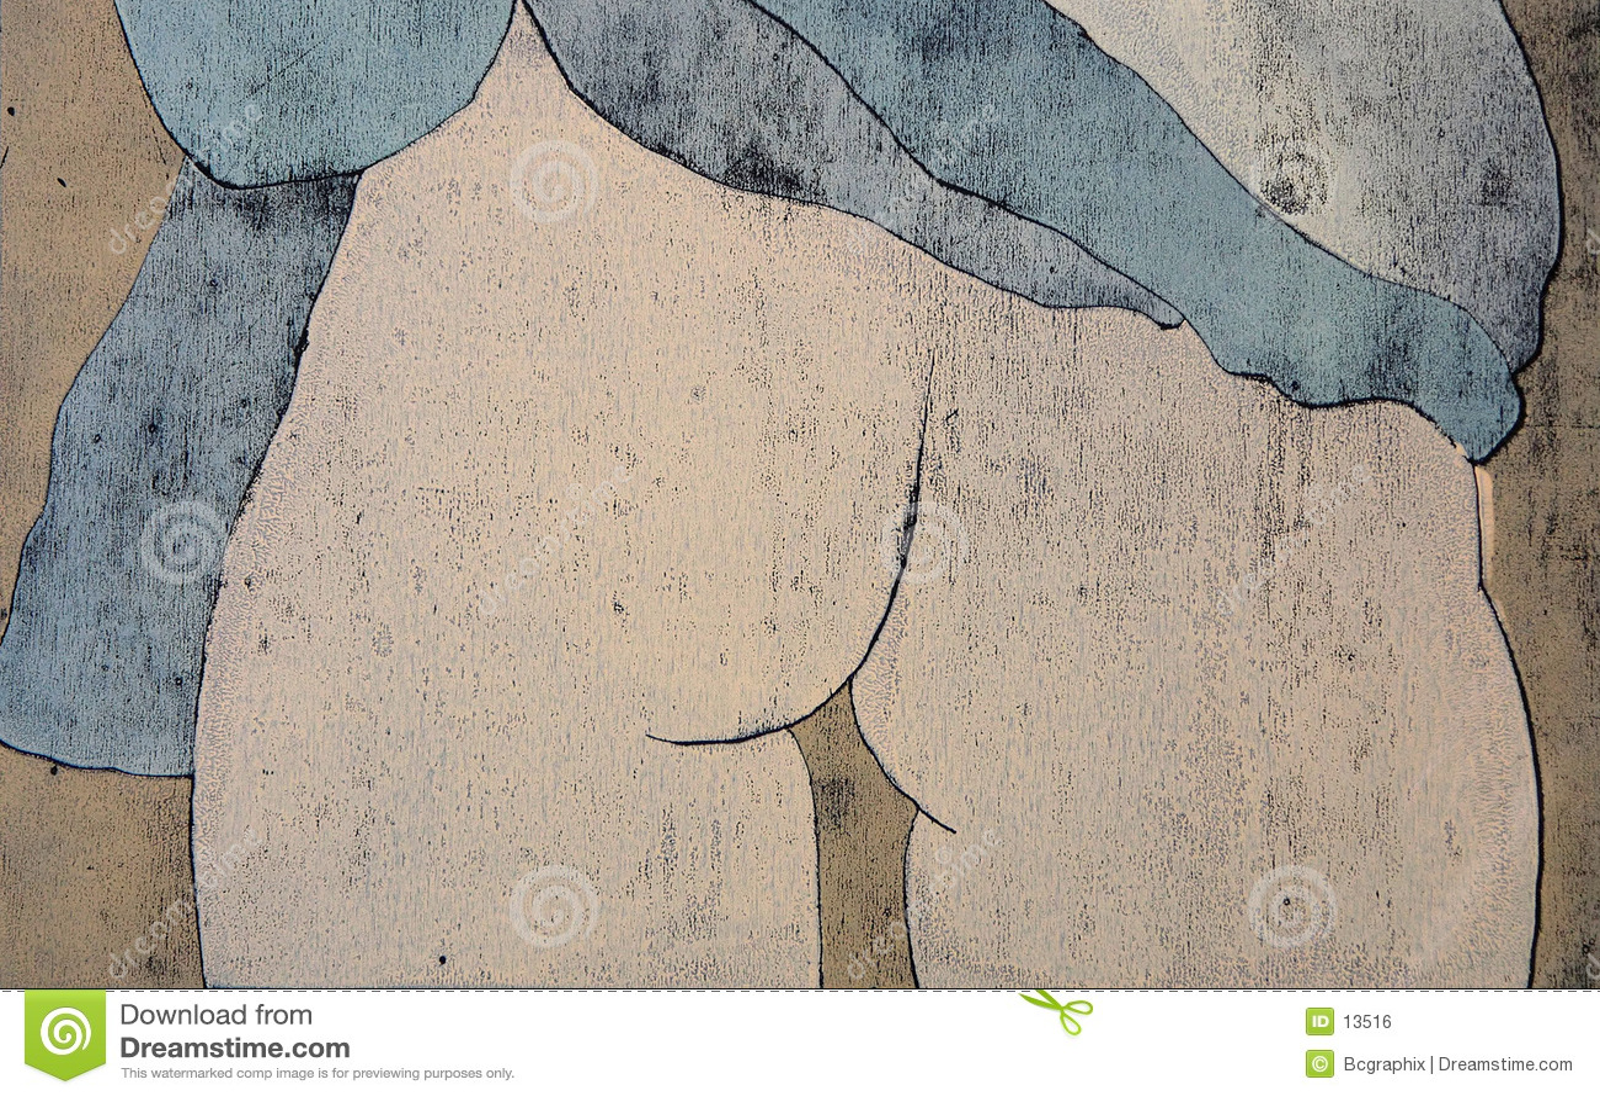 Mujeres detrás de desnudar